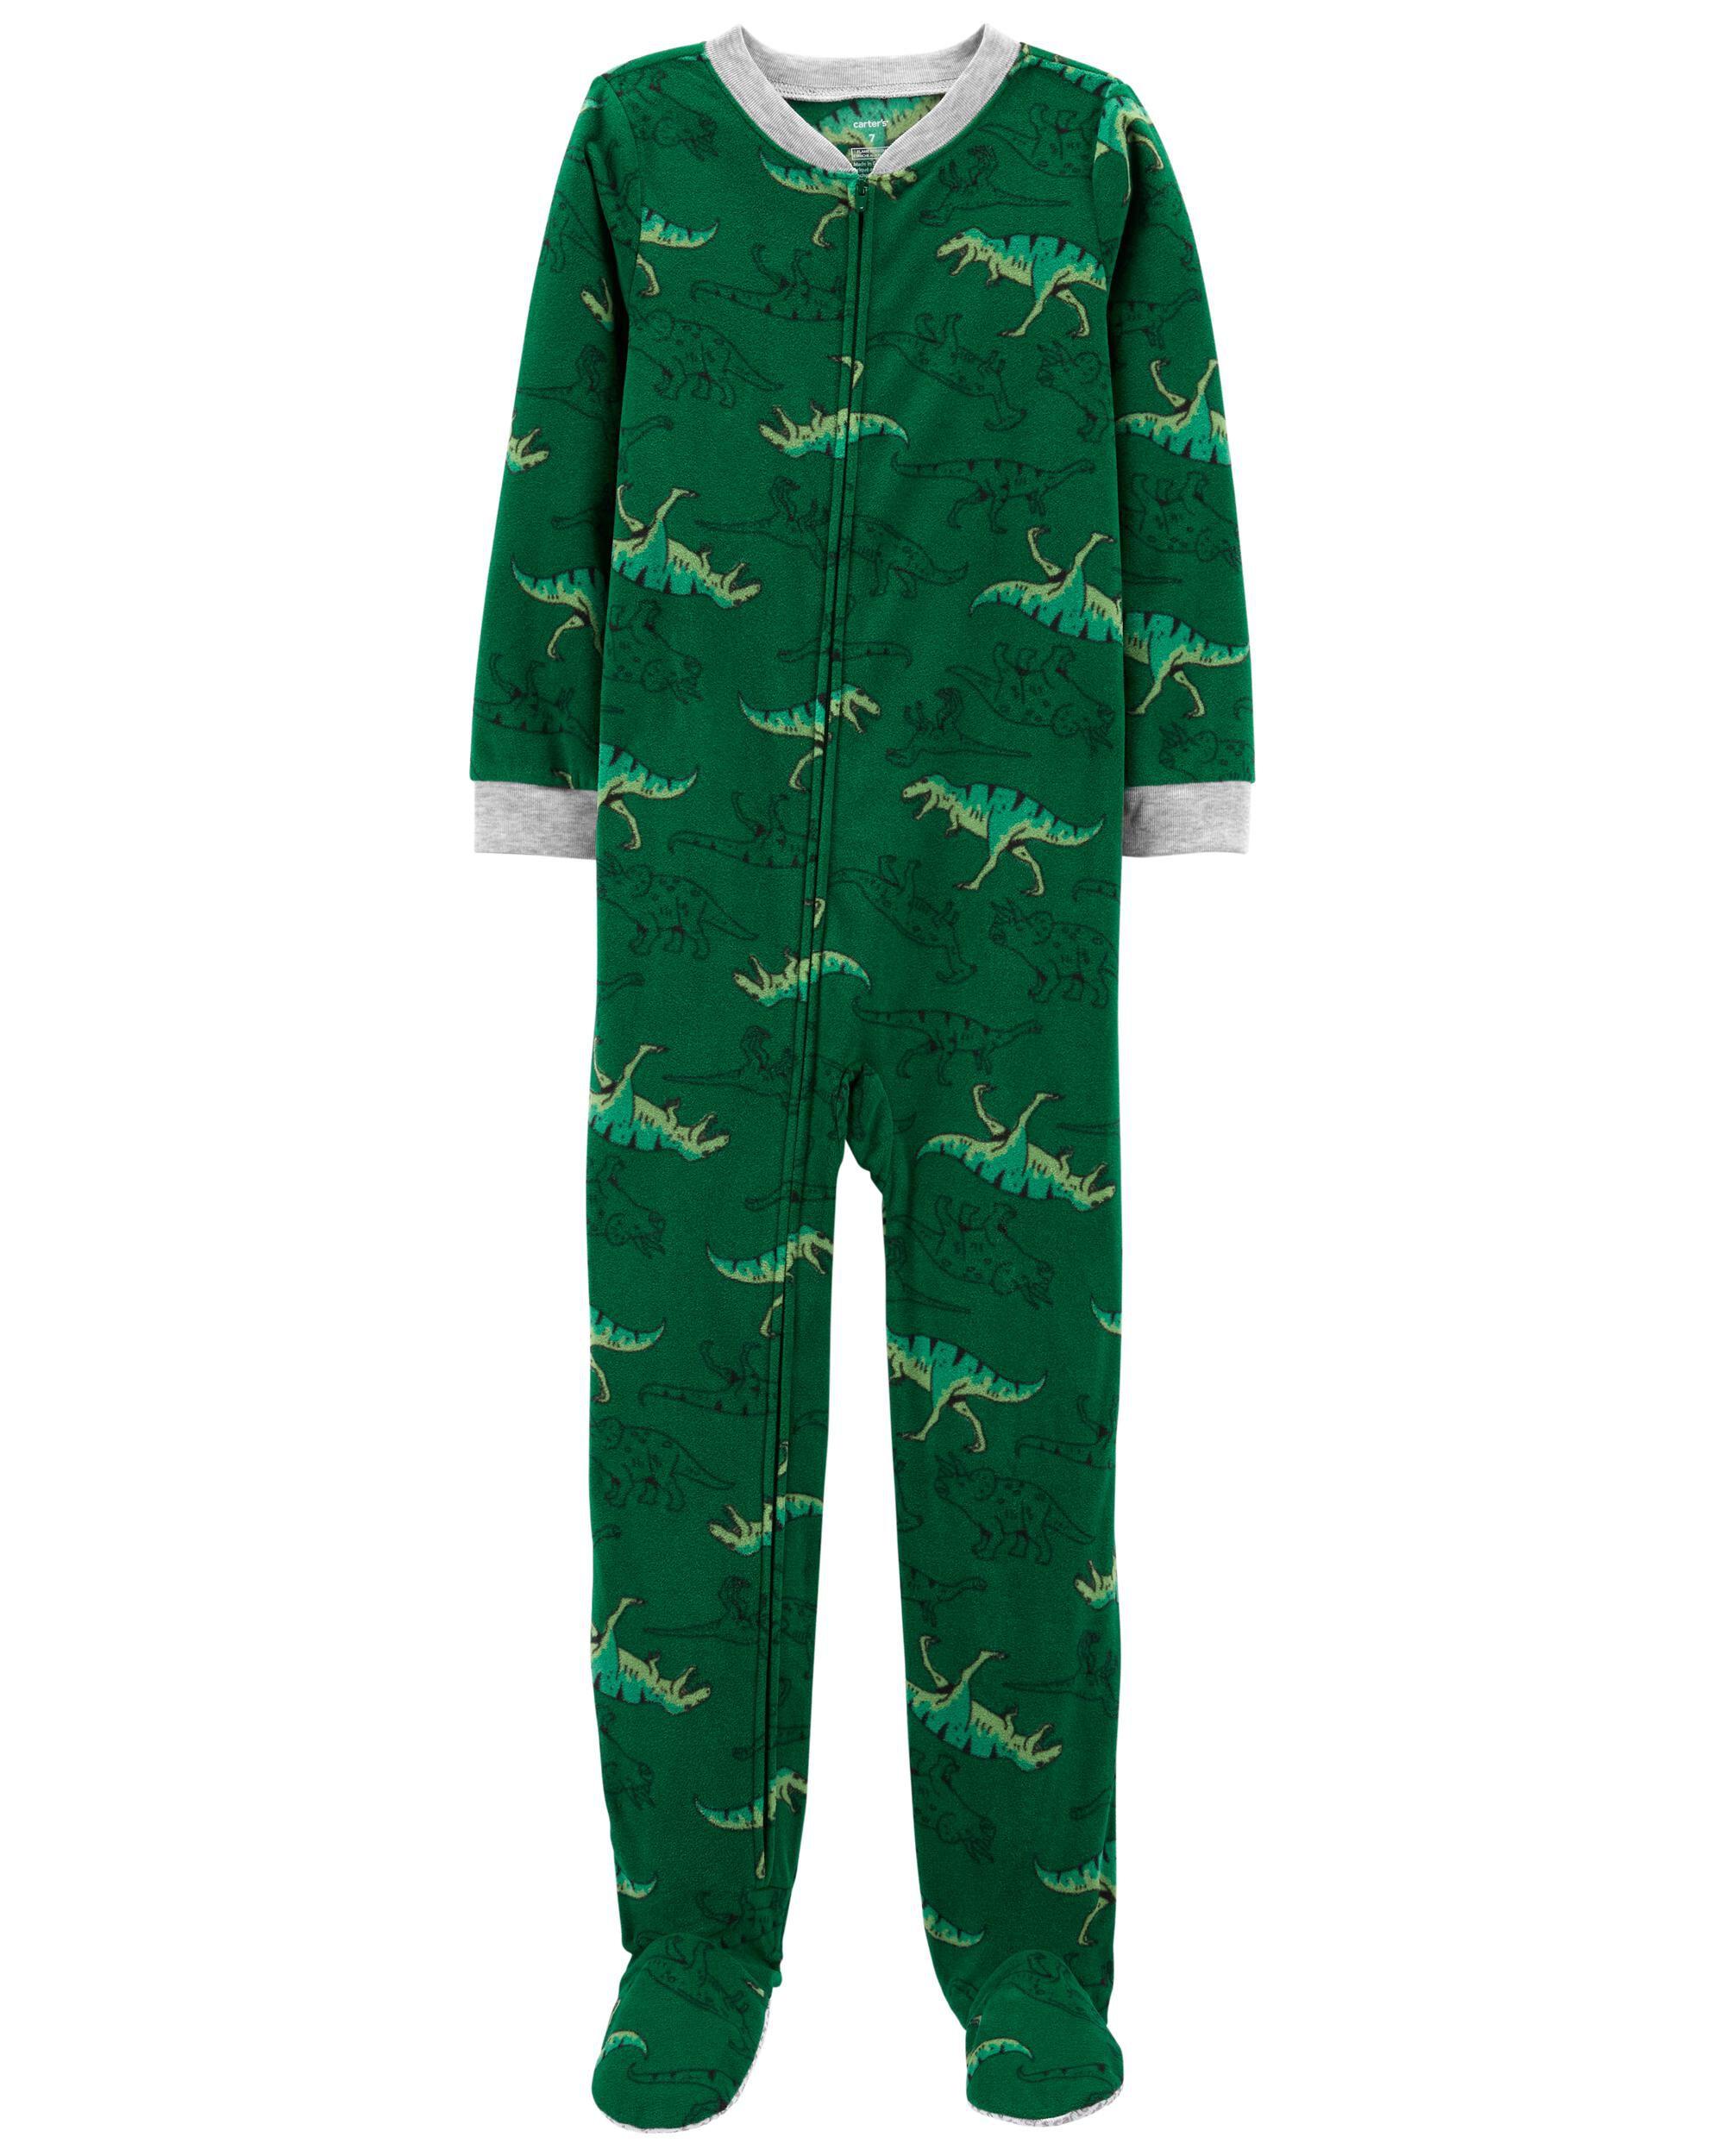 *DOORBUSTER*1-Piece Dinosaur Fleece Footie PJs